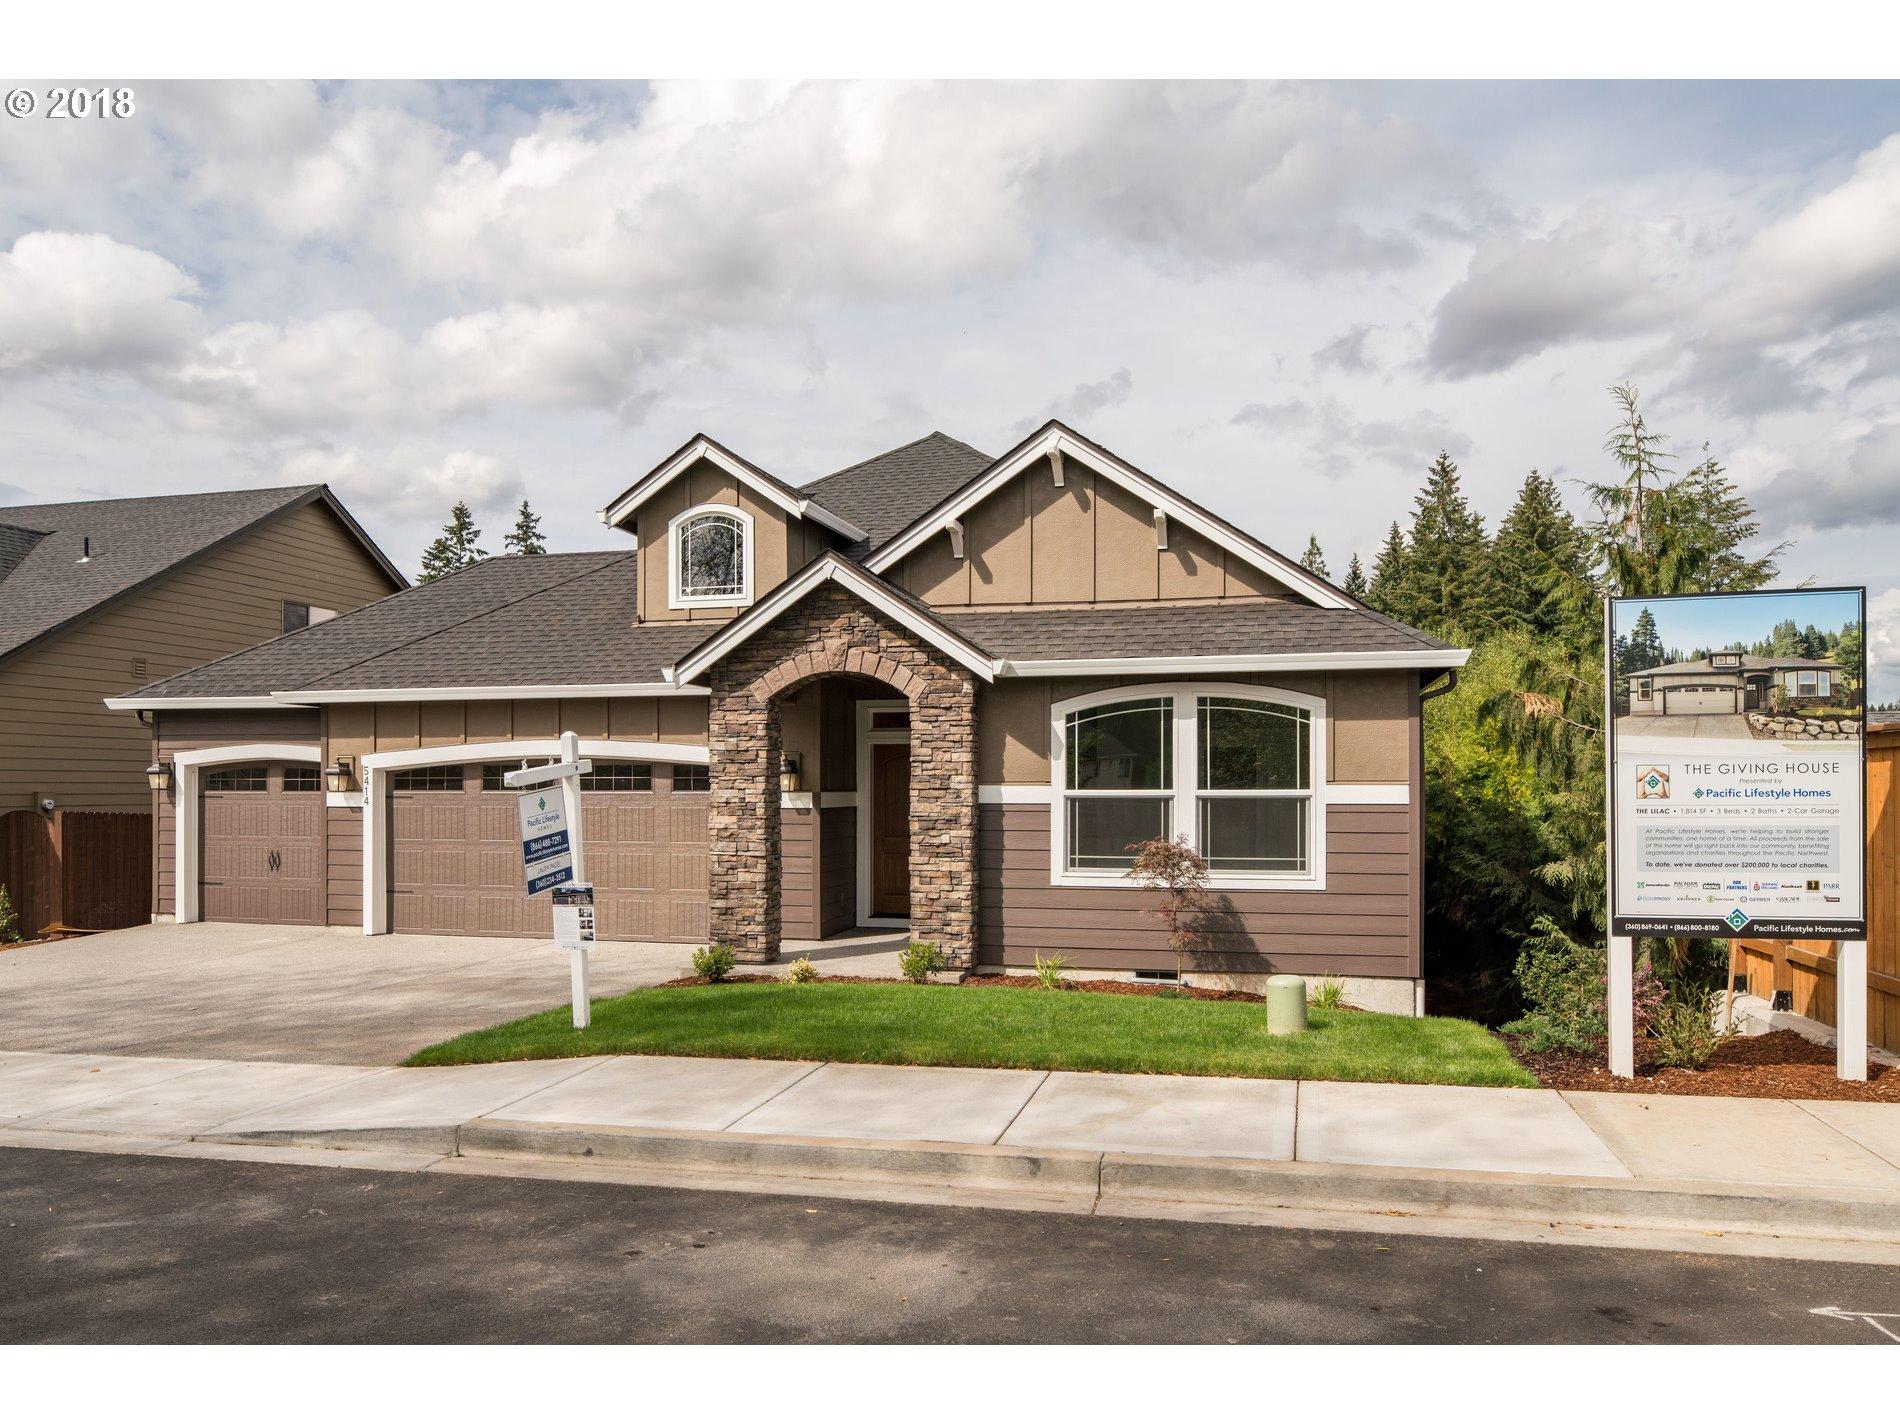 5414 NE 124TH ST Vancouver, WA 98686 - MLS #: 18583799